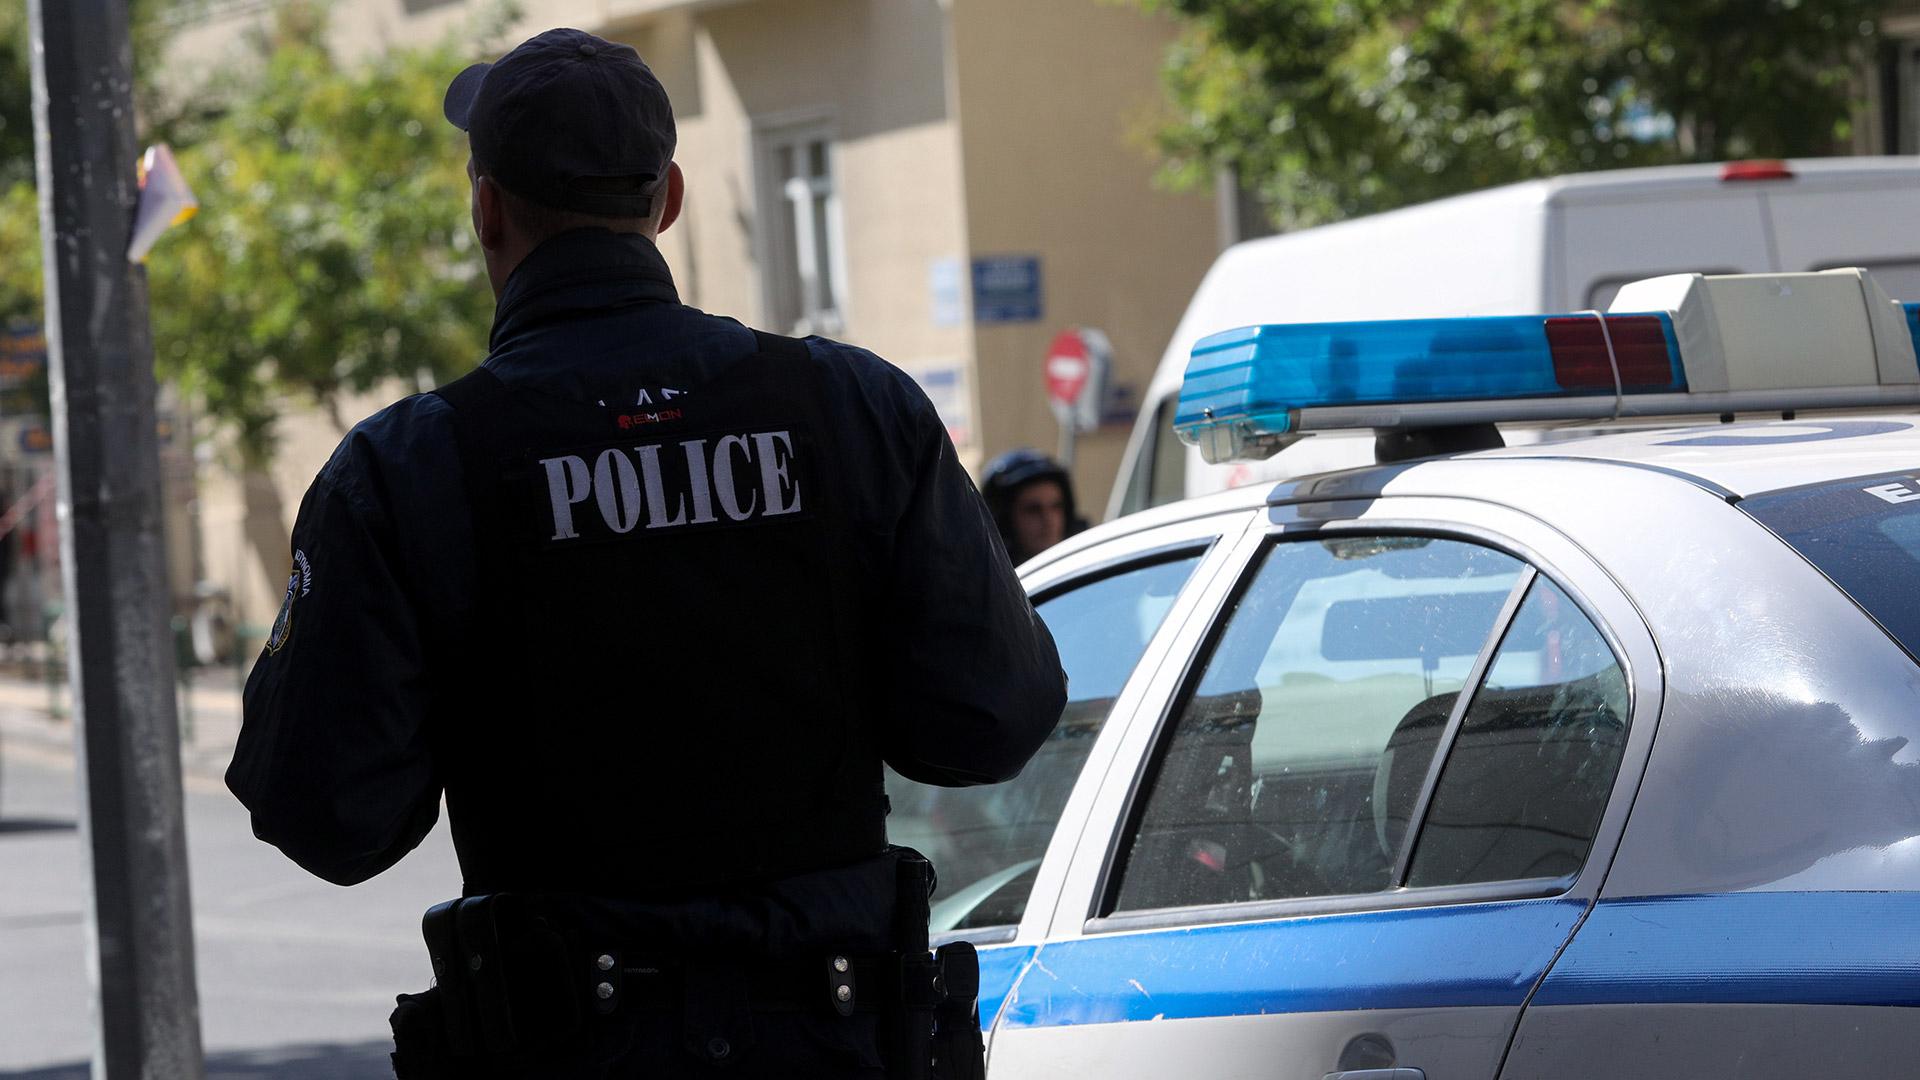 Σοκ στη Ραφήνα: 48χρονος κατηγορείται για παρενόχληση και απόπειρα αρπαγής 13χρονης – ΒΙΝΤΕΟ